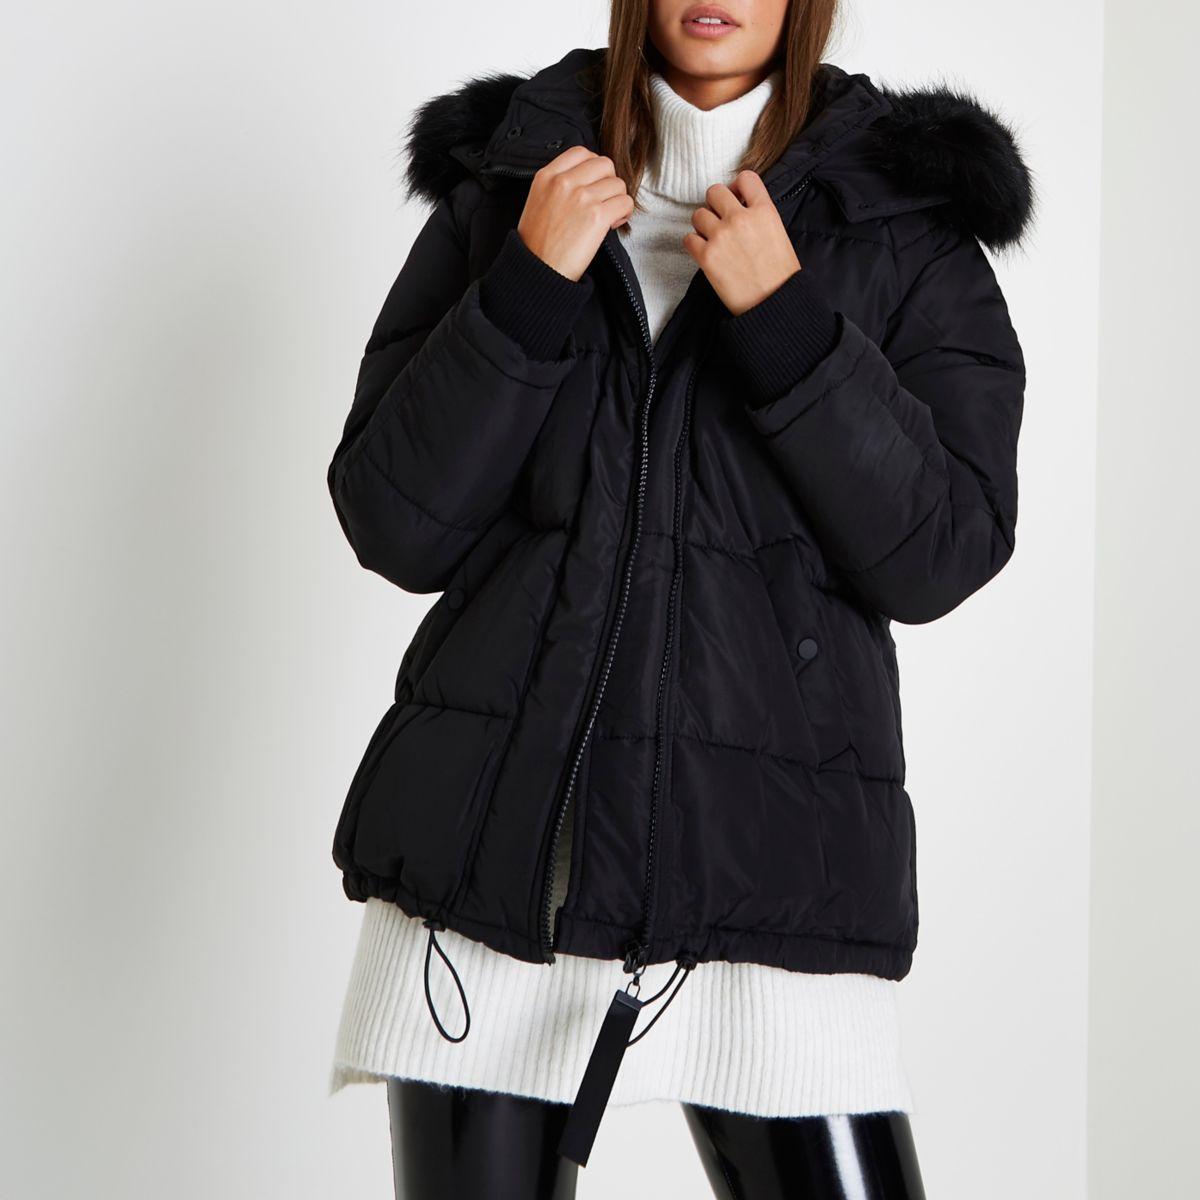 Zwarte gewatteerde oversized jas met rand van imitatiebont